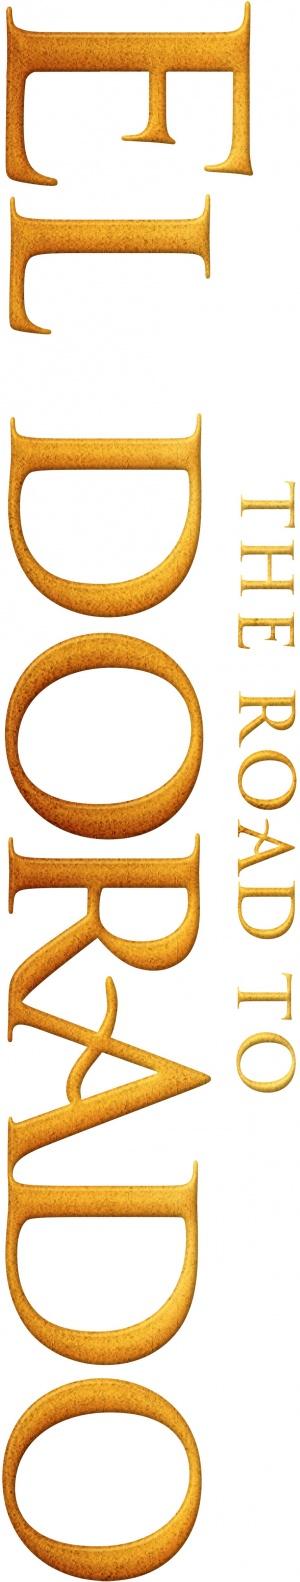 The Road to El Dorado 948x5000